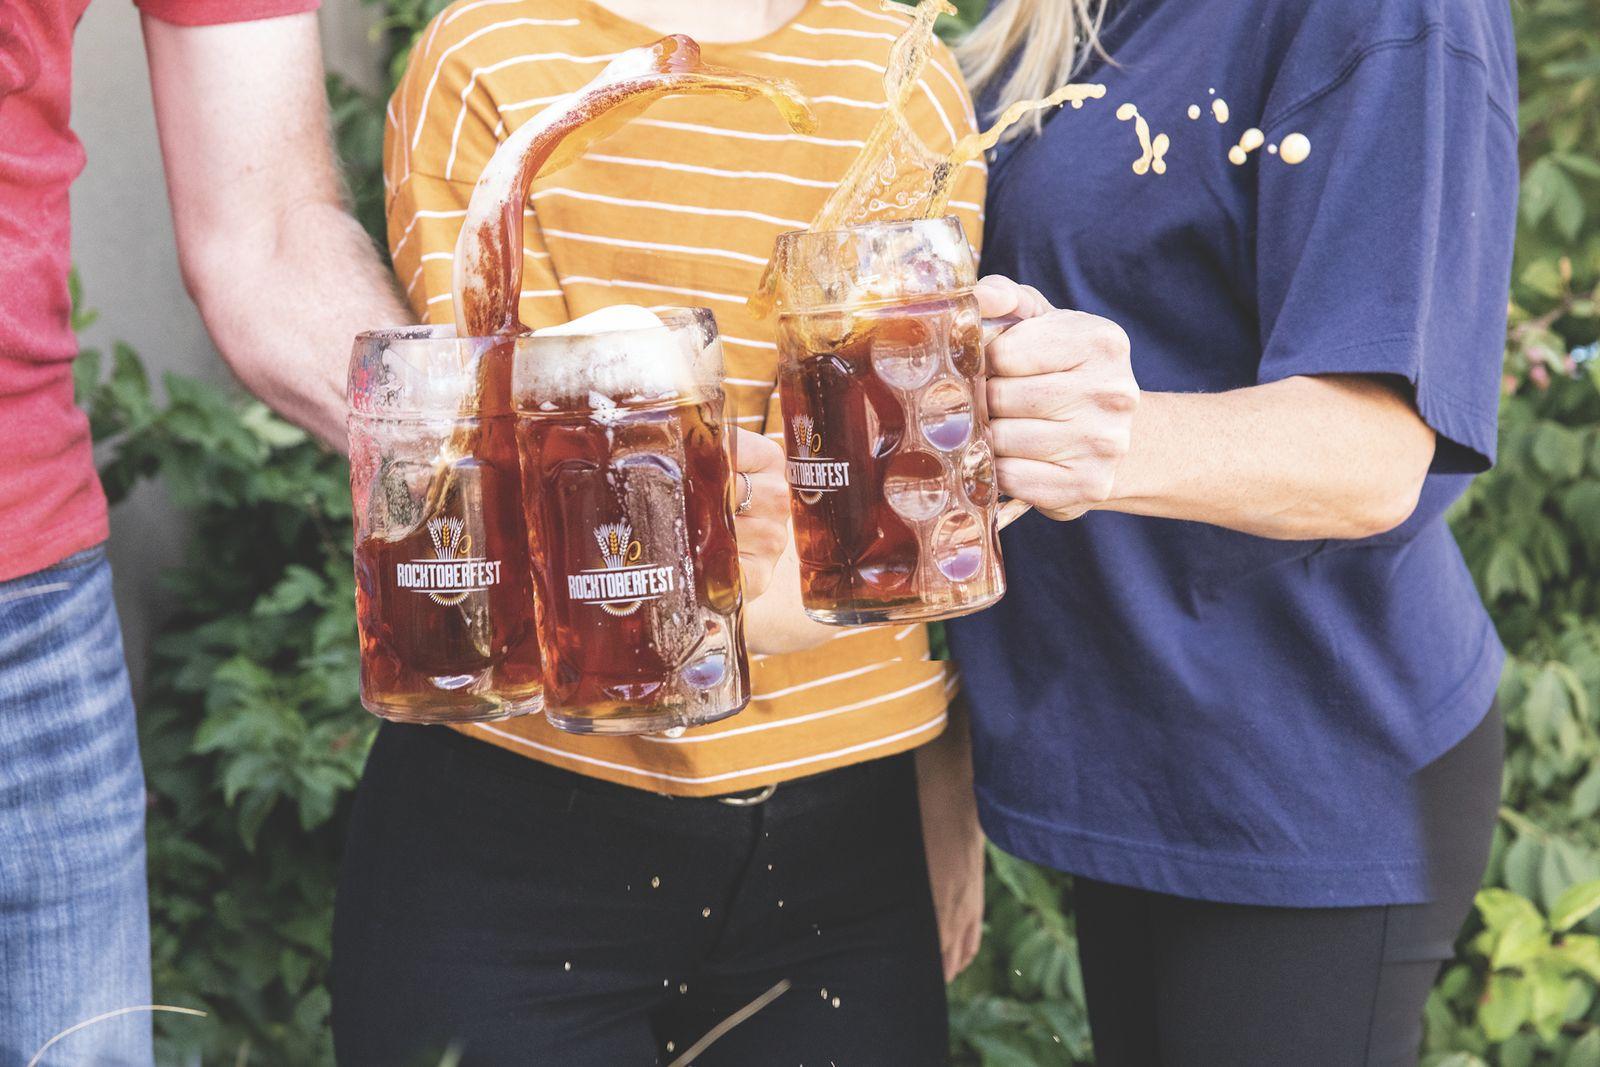 Rock Bottom Brings Back Fan-Favorite Fall Beer - Rocktoberfest